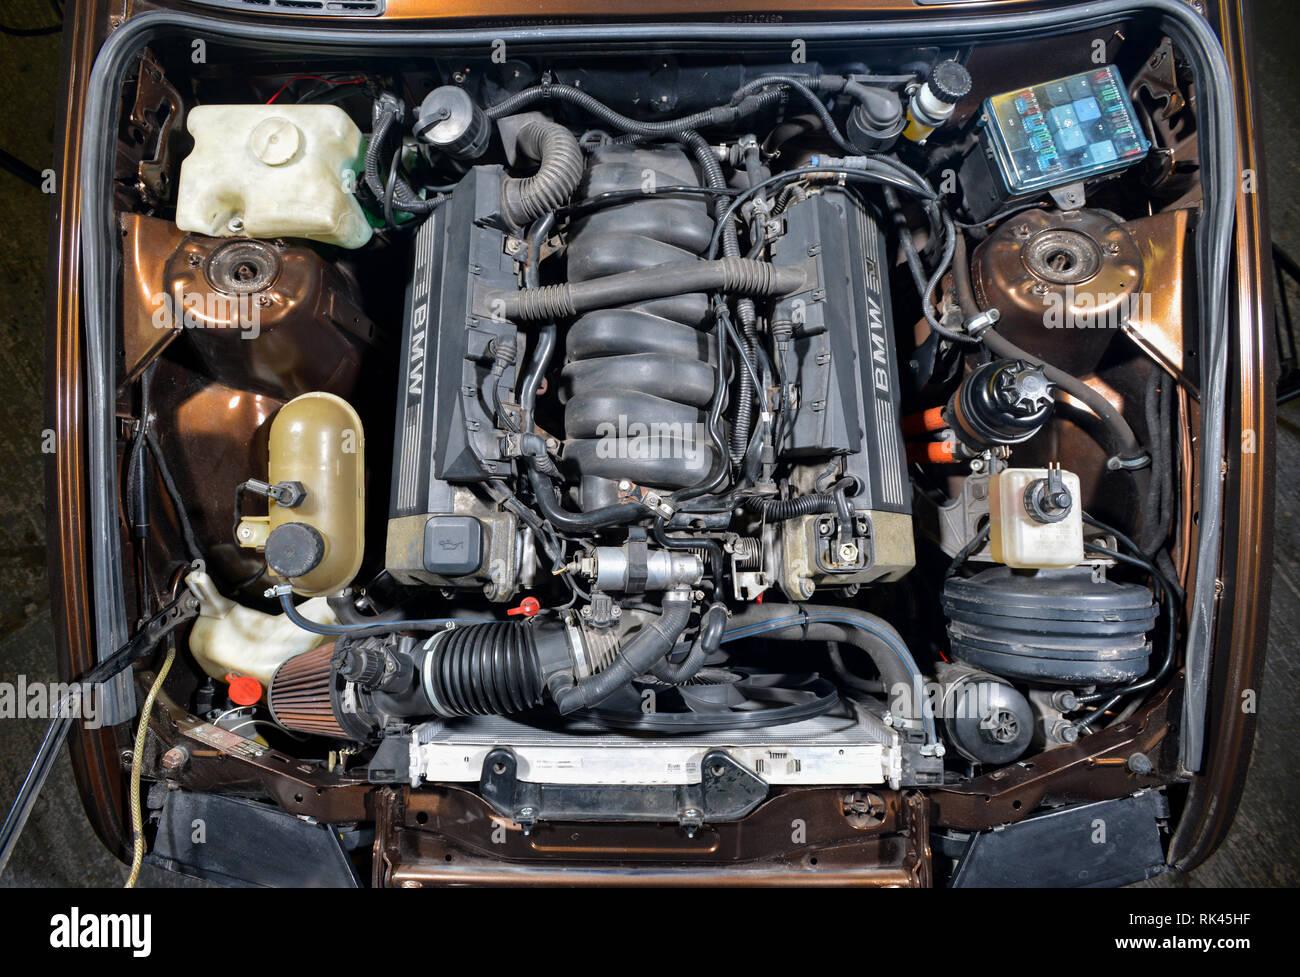 Bmw E30 3er Cabrio Mit Einem V8 Motor Angepasst Stockfotografie Alamy